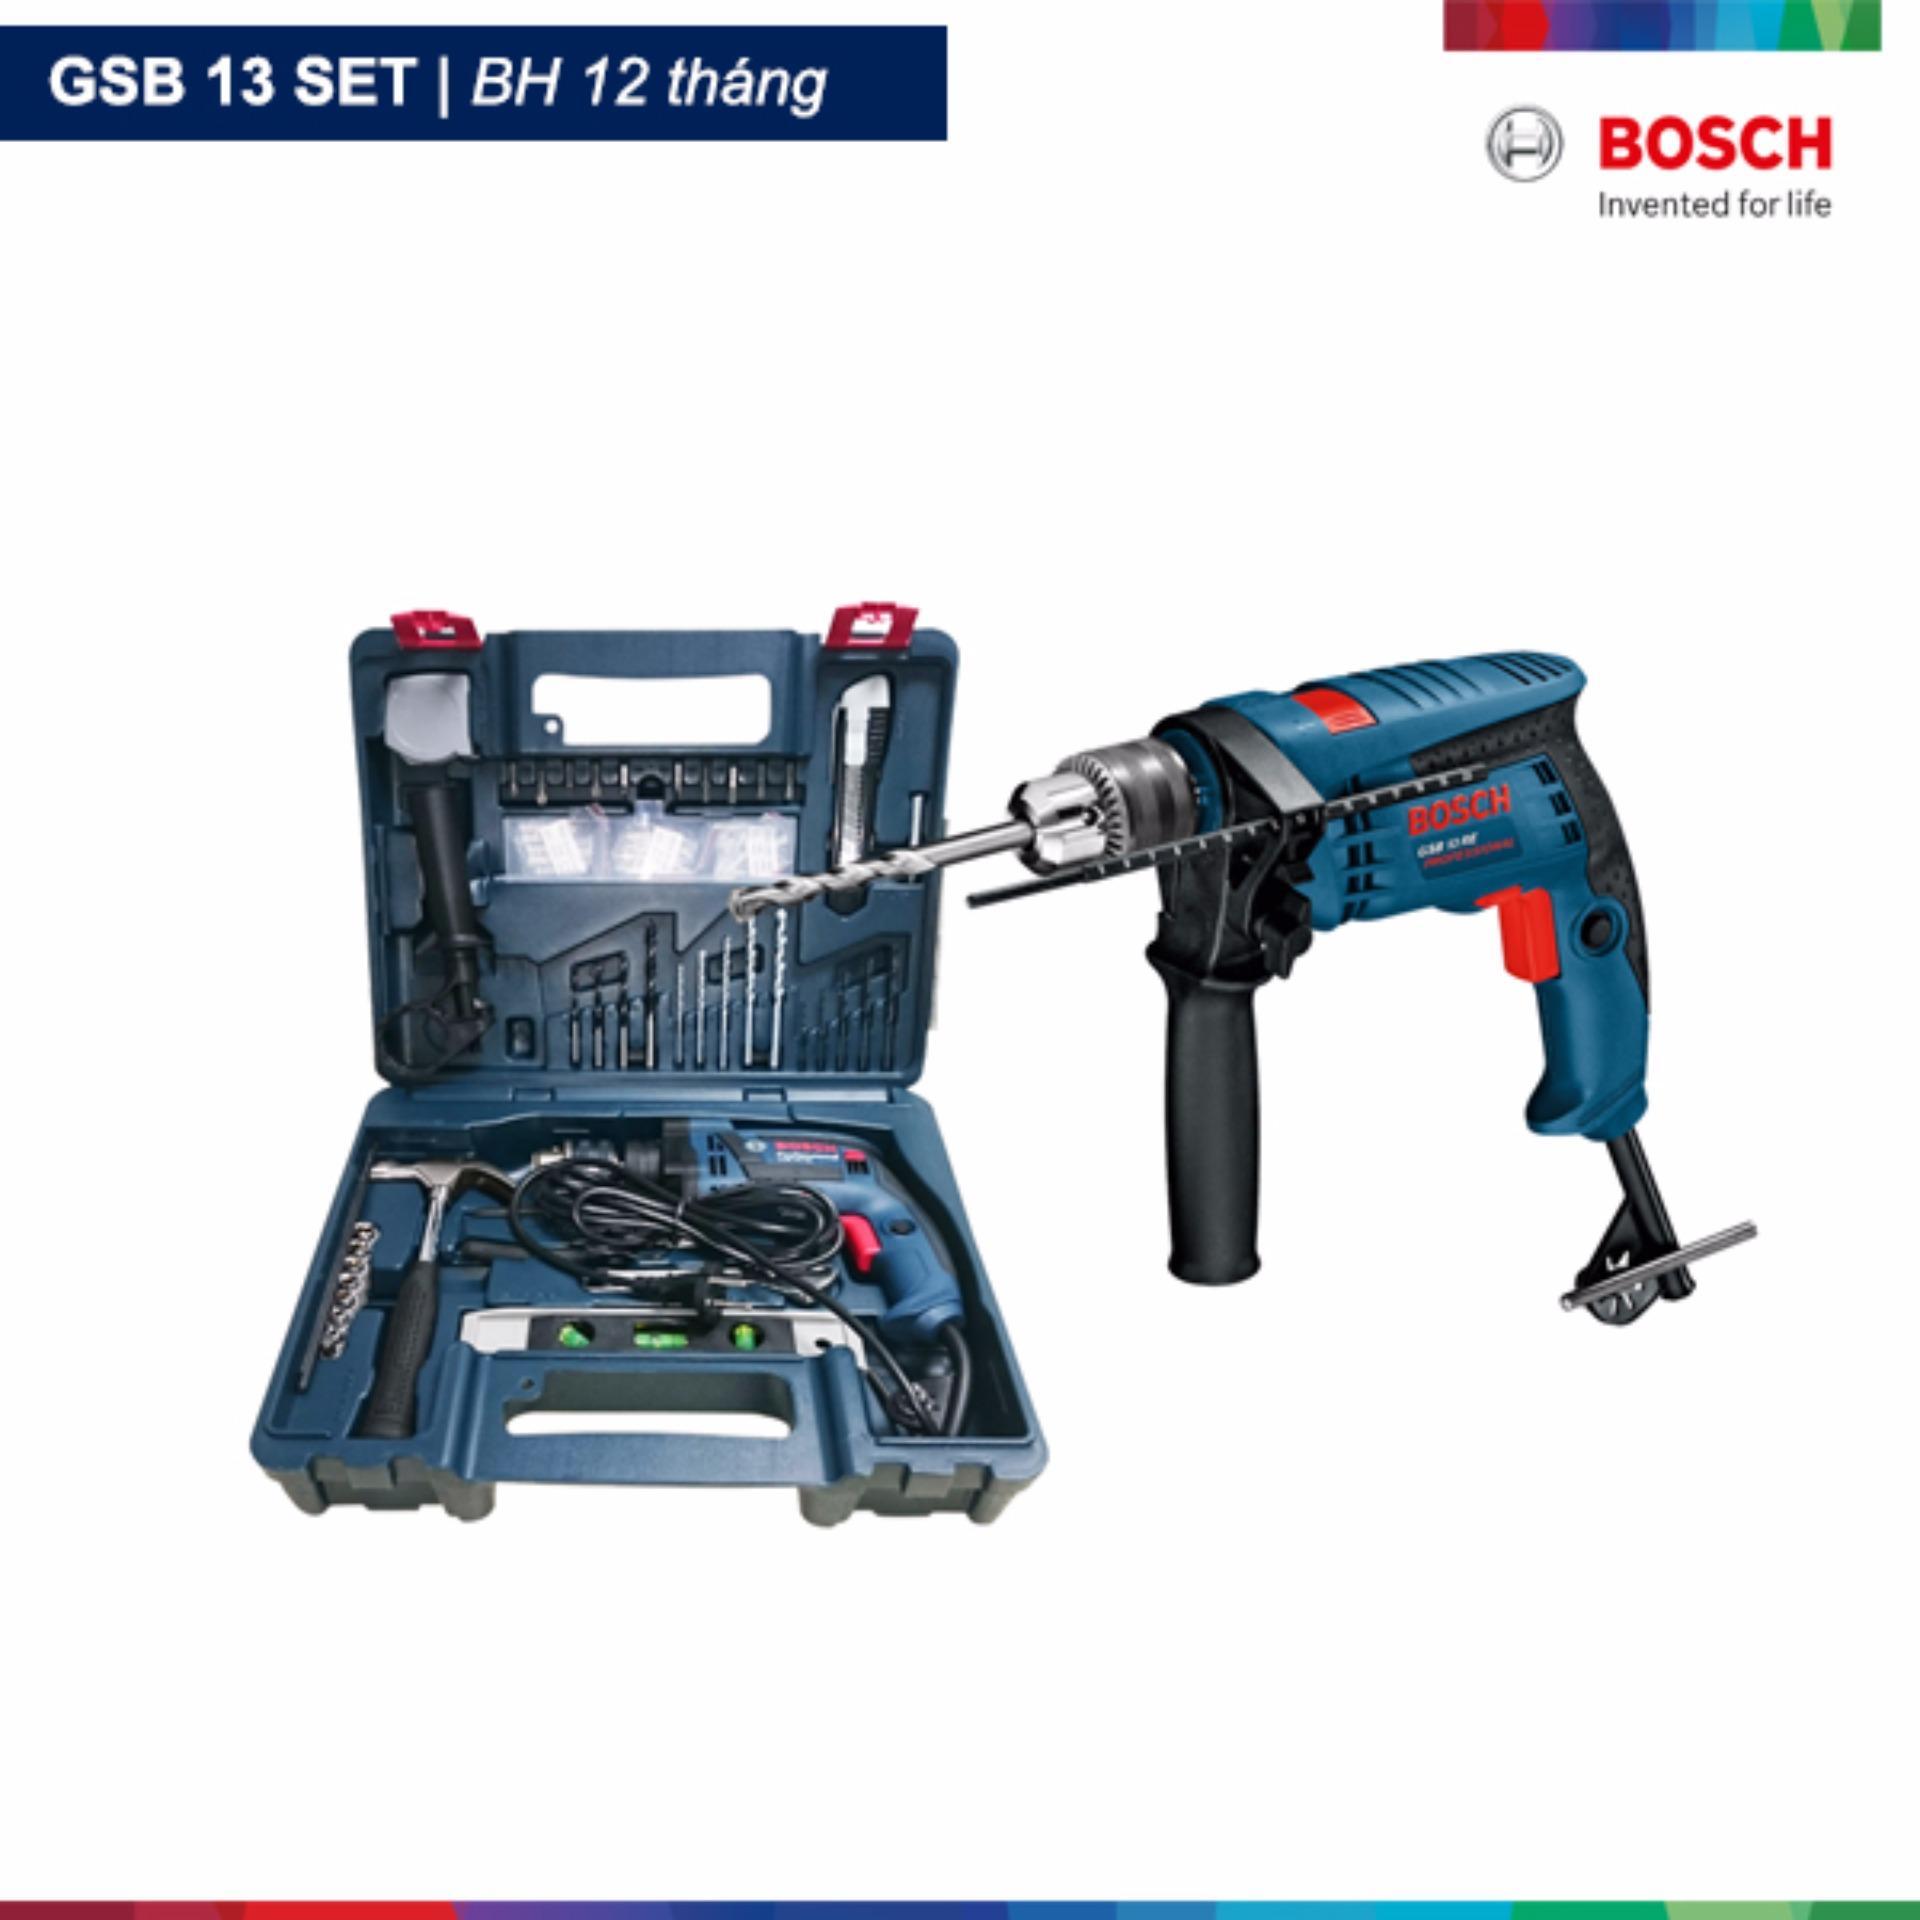 Máy khoan động lực Bosch GSB 13 Re set và Bộ 100 chi tiết